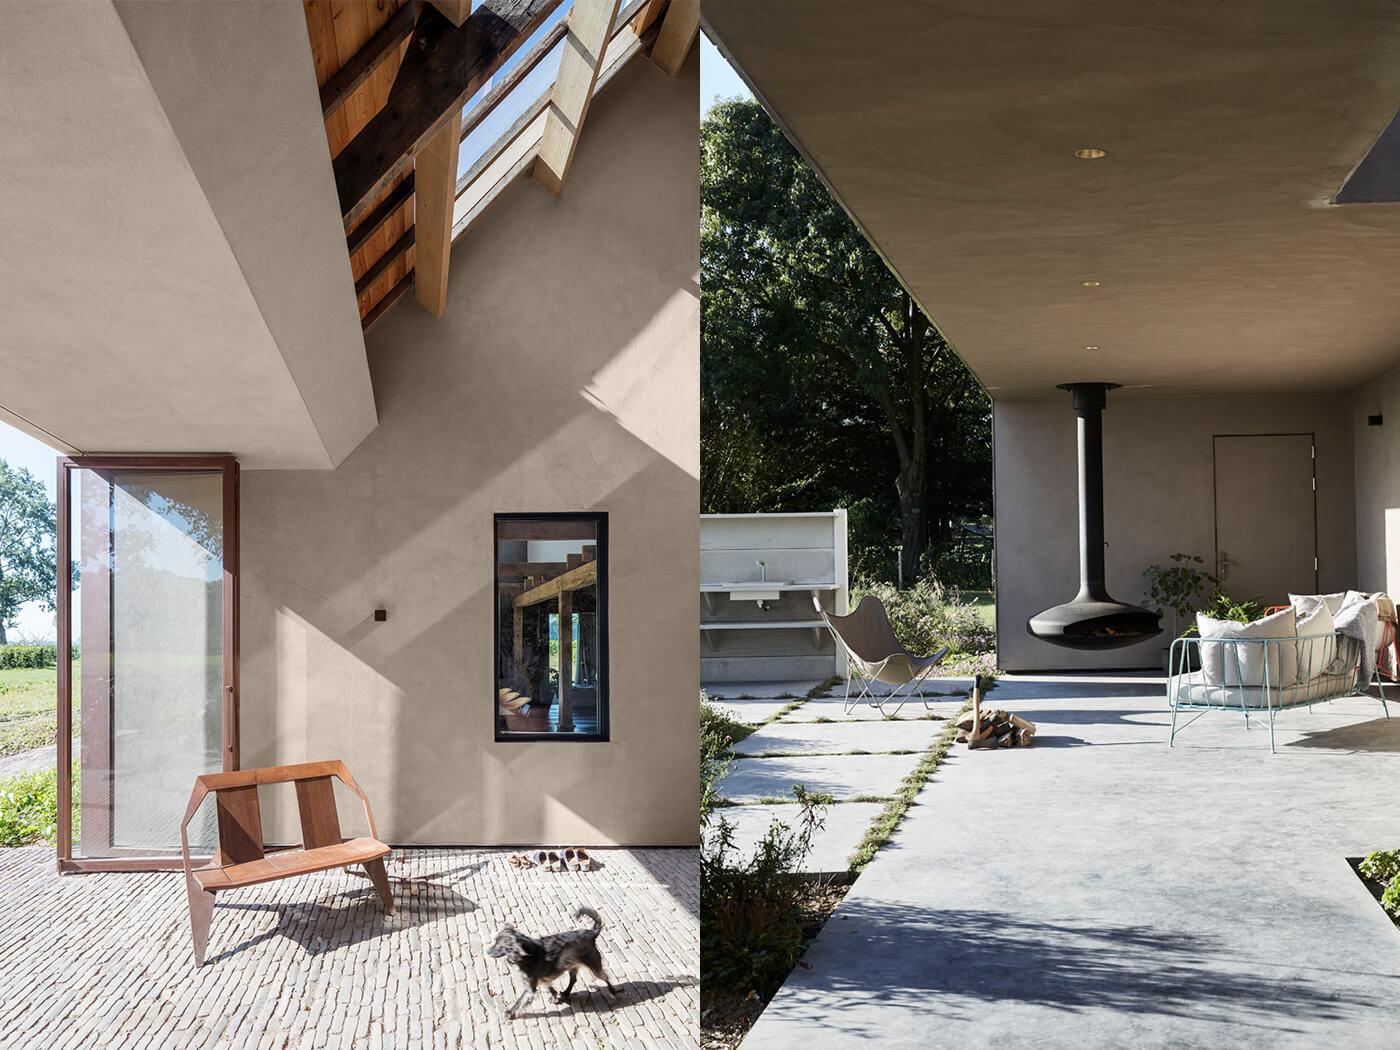 Interieur design woonboederij xxl Jeroen Zwetselaar